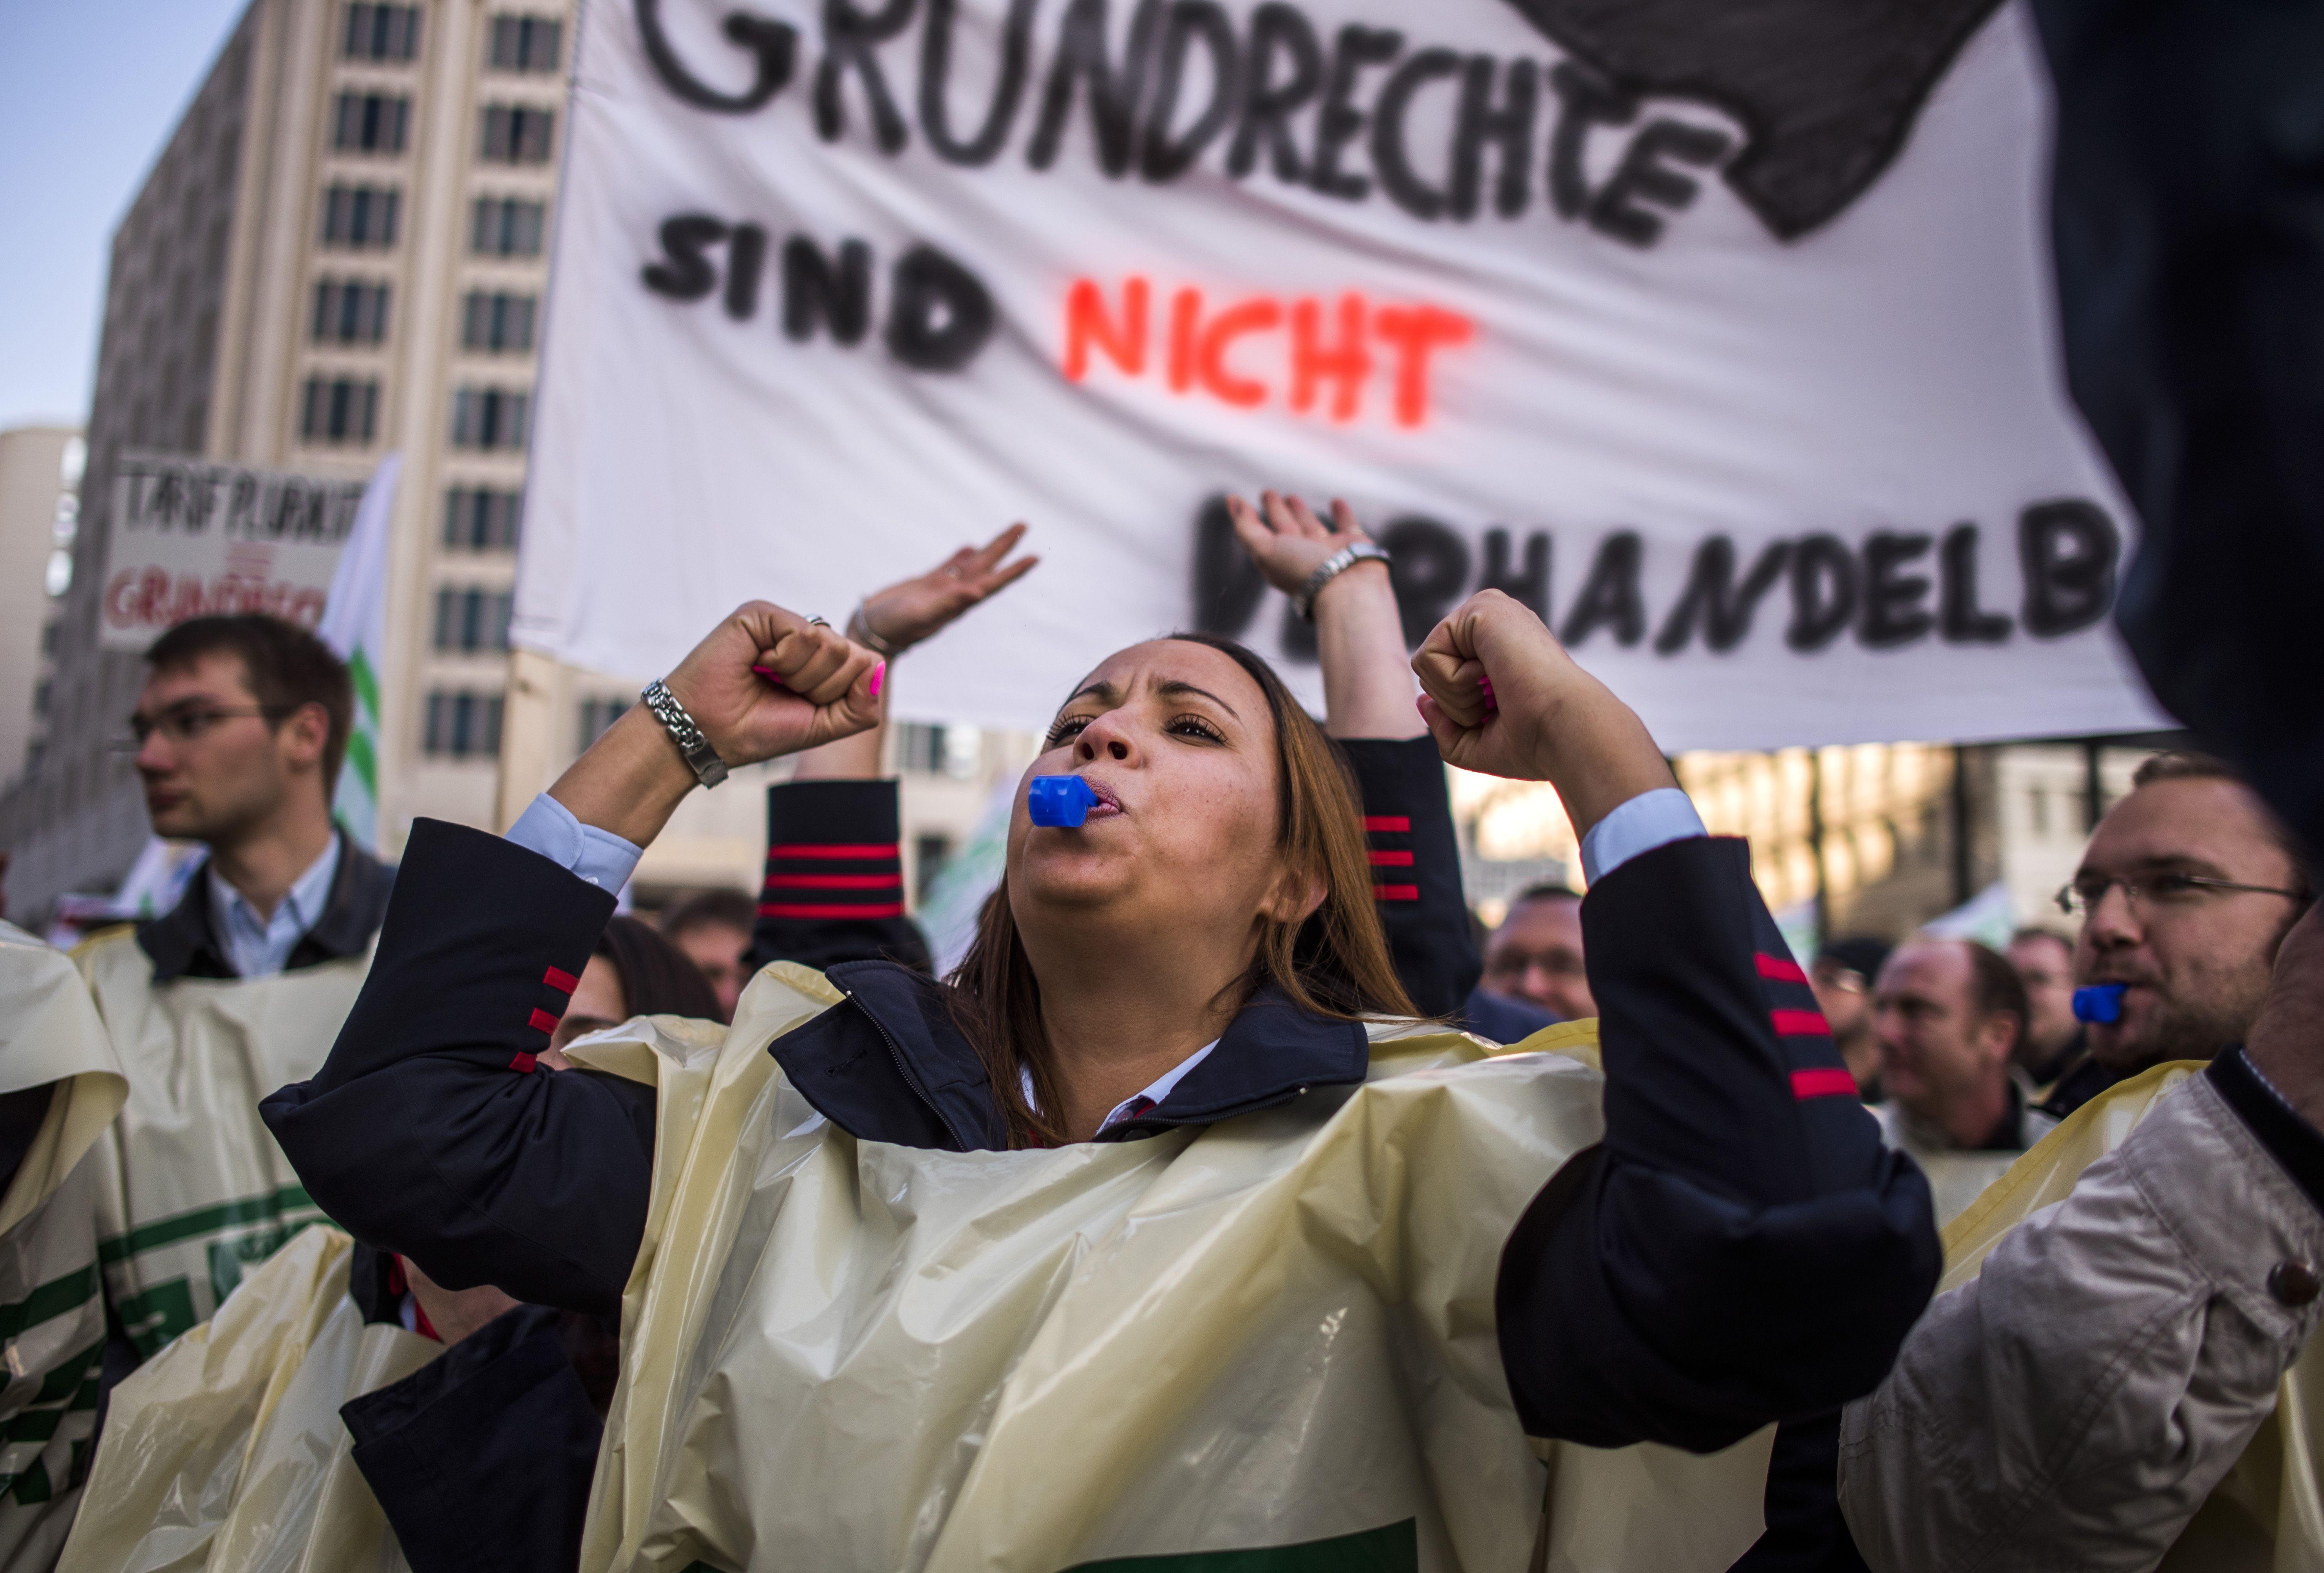 Lokführer-Streik: So hetzen die Medien gegen die Lokführergewerkschaft